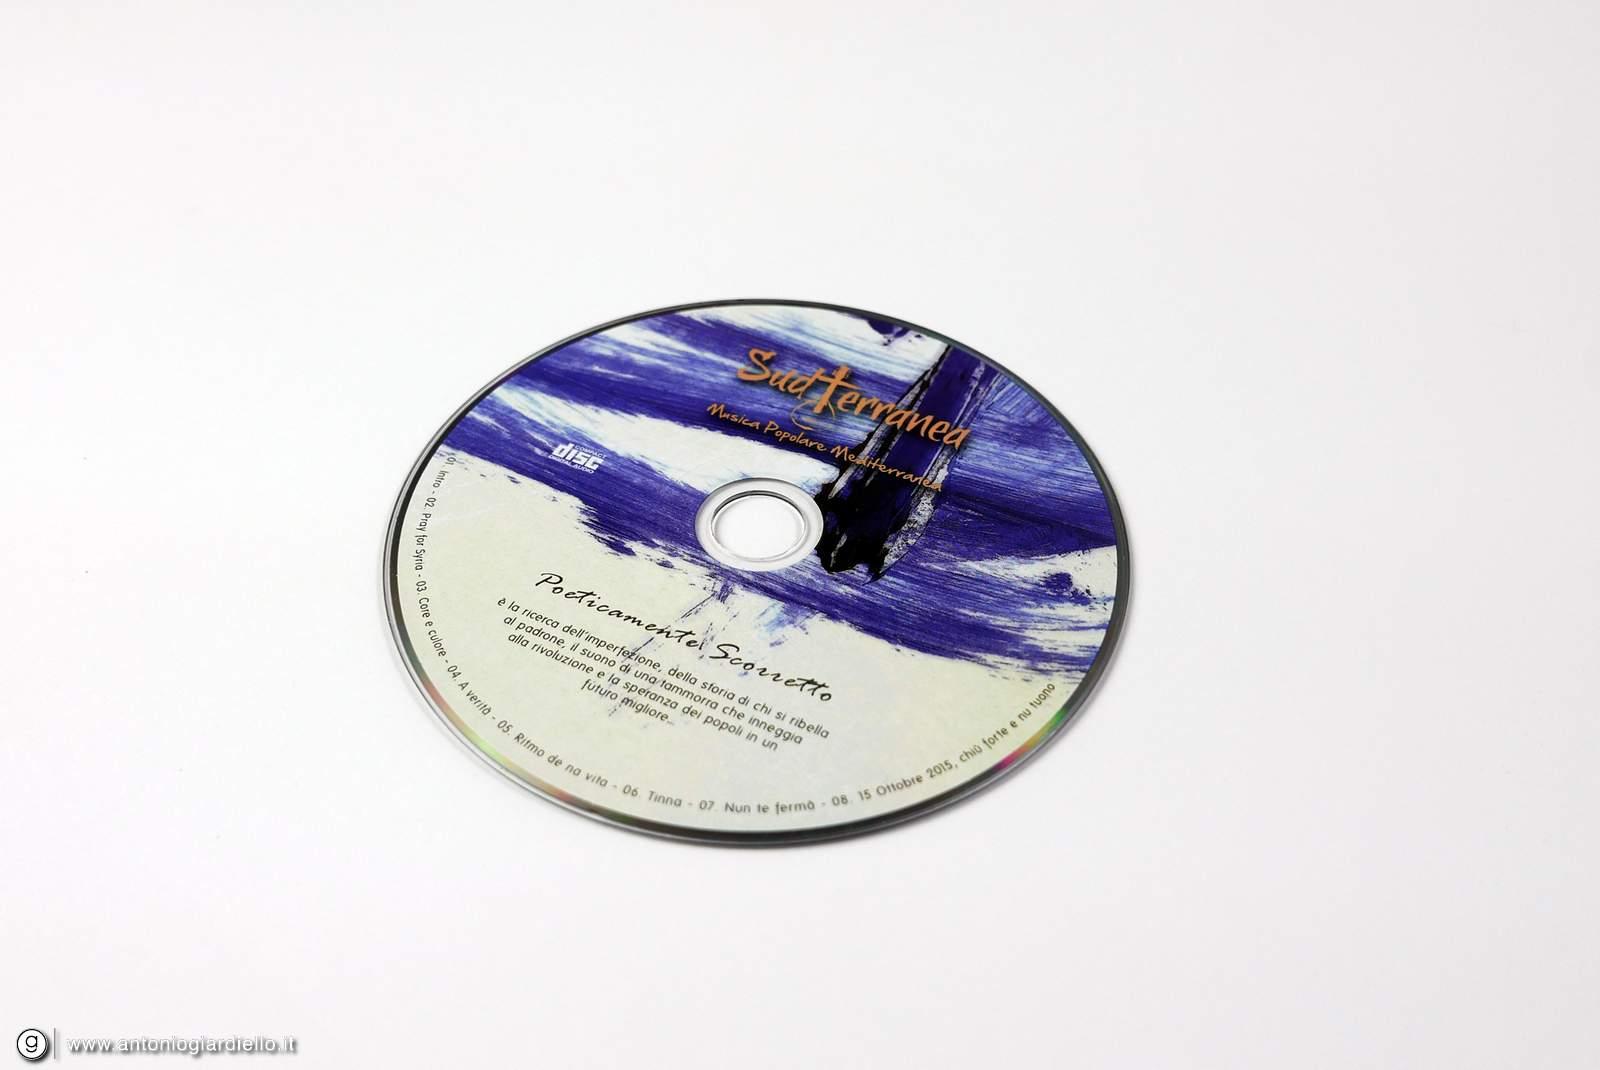 progettazione grafica album musicale poeticamente scorretto dei sudterranea8.jpg